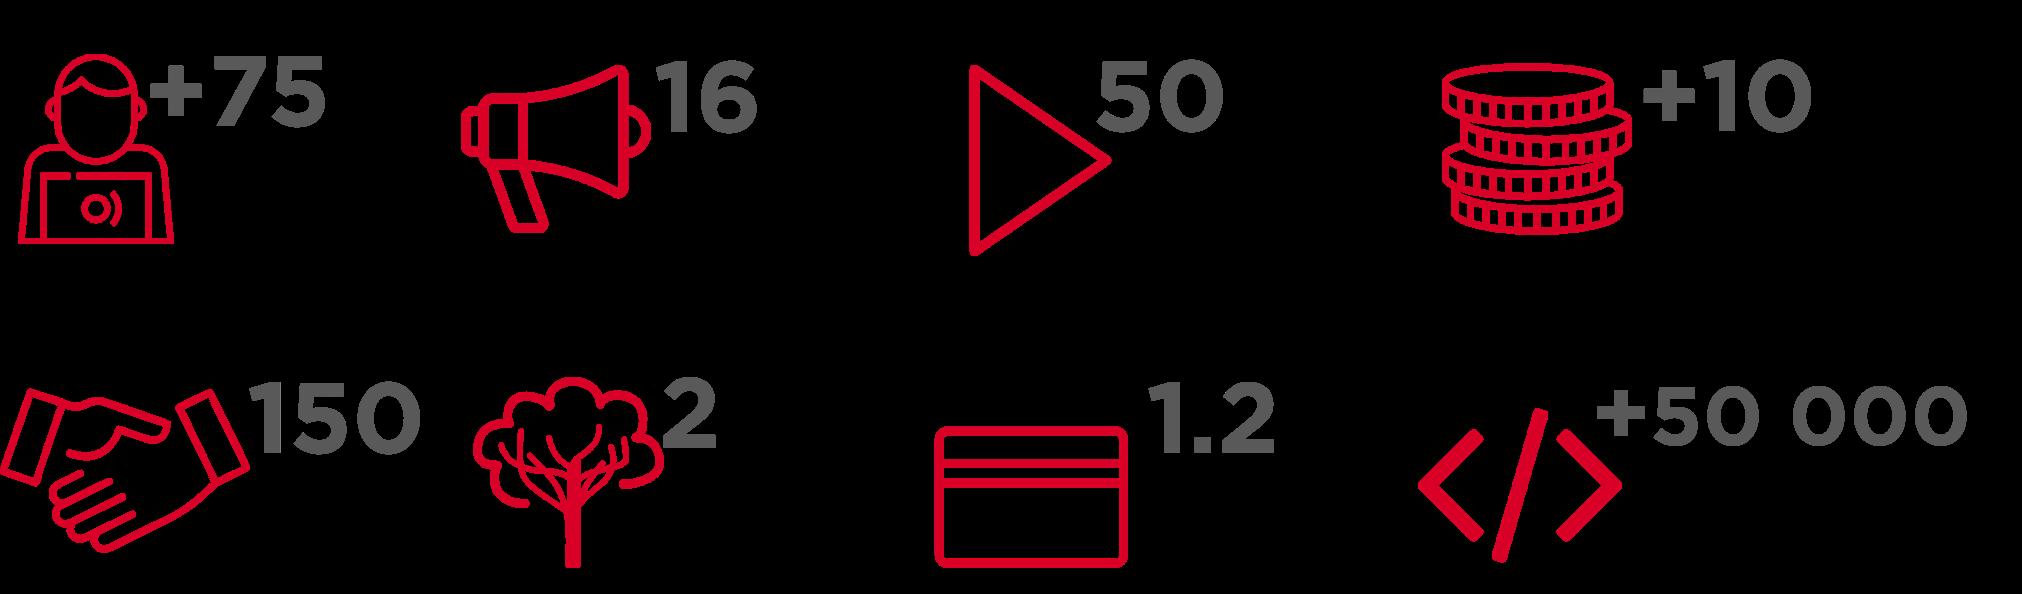 colaboradores, liderazgo, partners conectados, volumen de negocio, desarollo acumulados